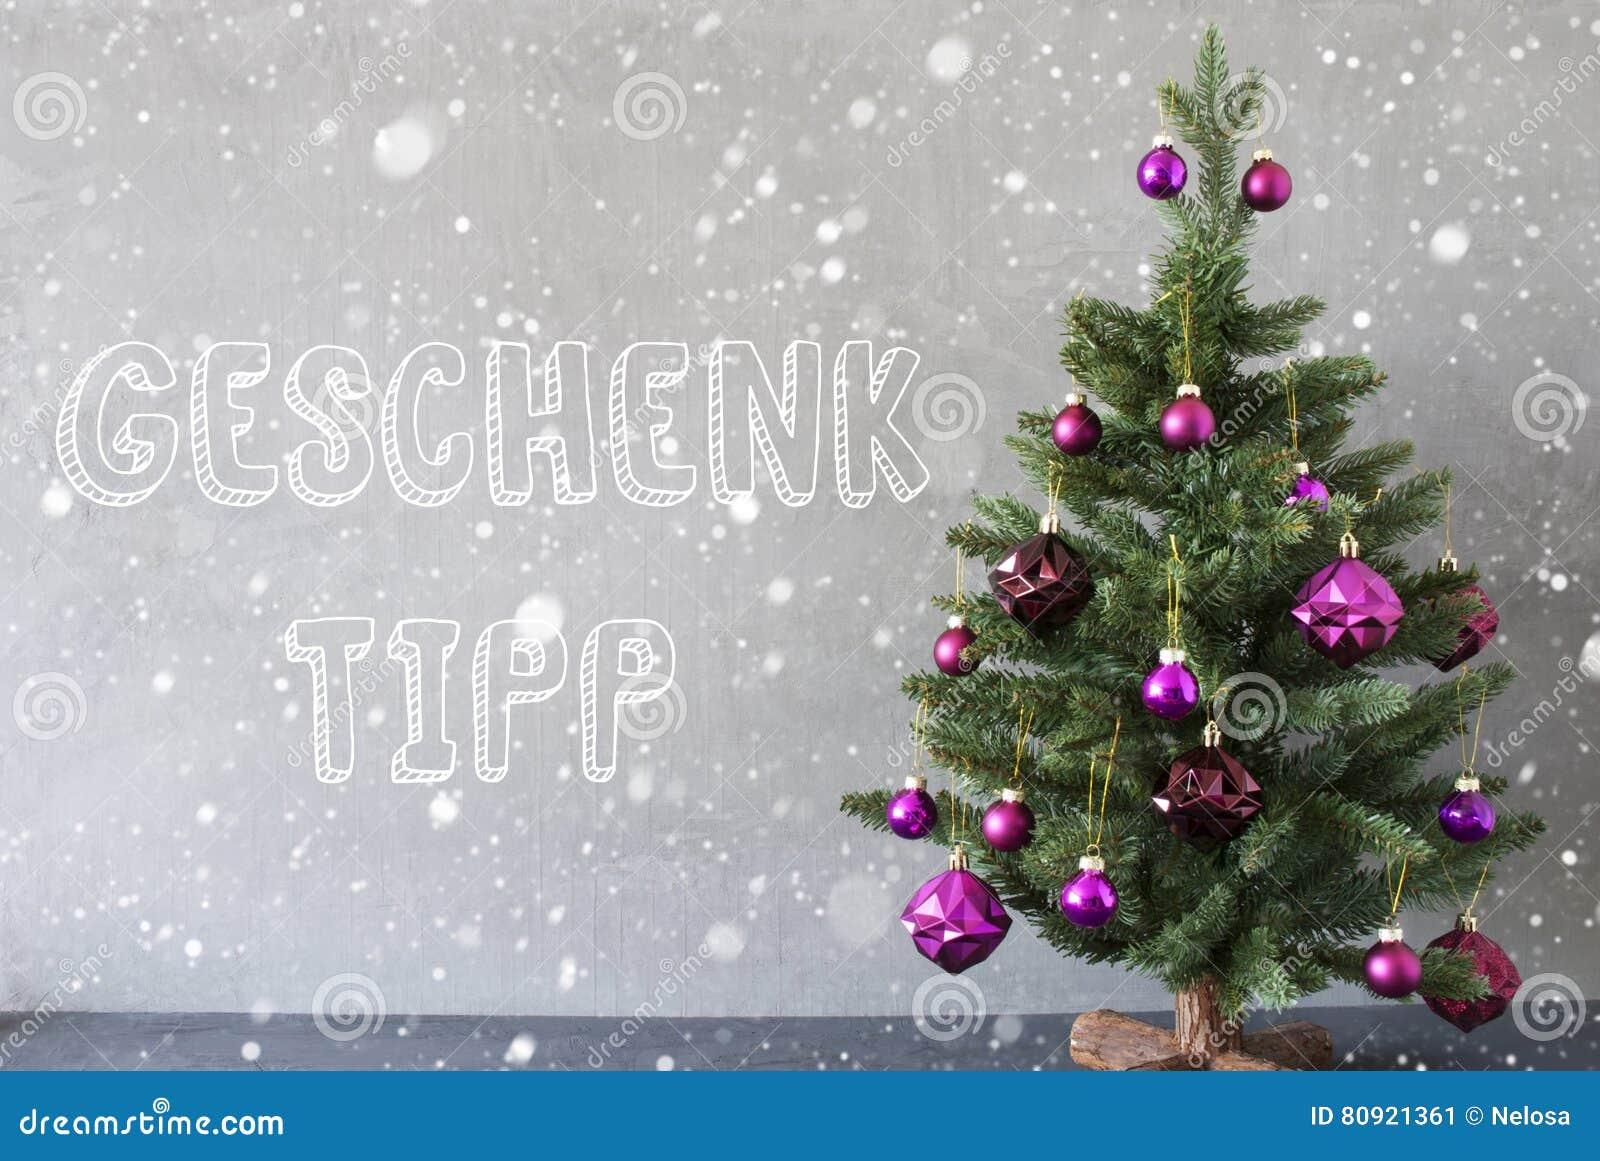 Weihnachtsbaum f r die wand weihnachten 2018 - Weihnachtsbaum wand ...